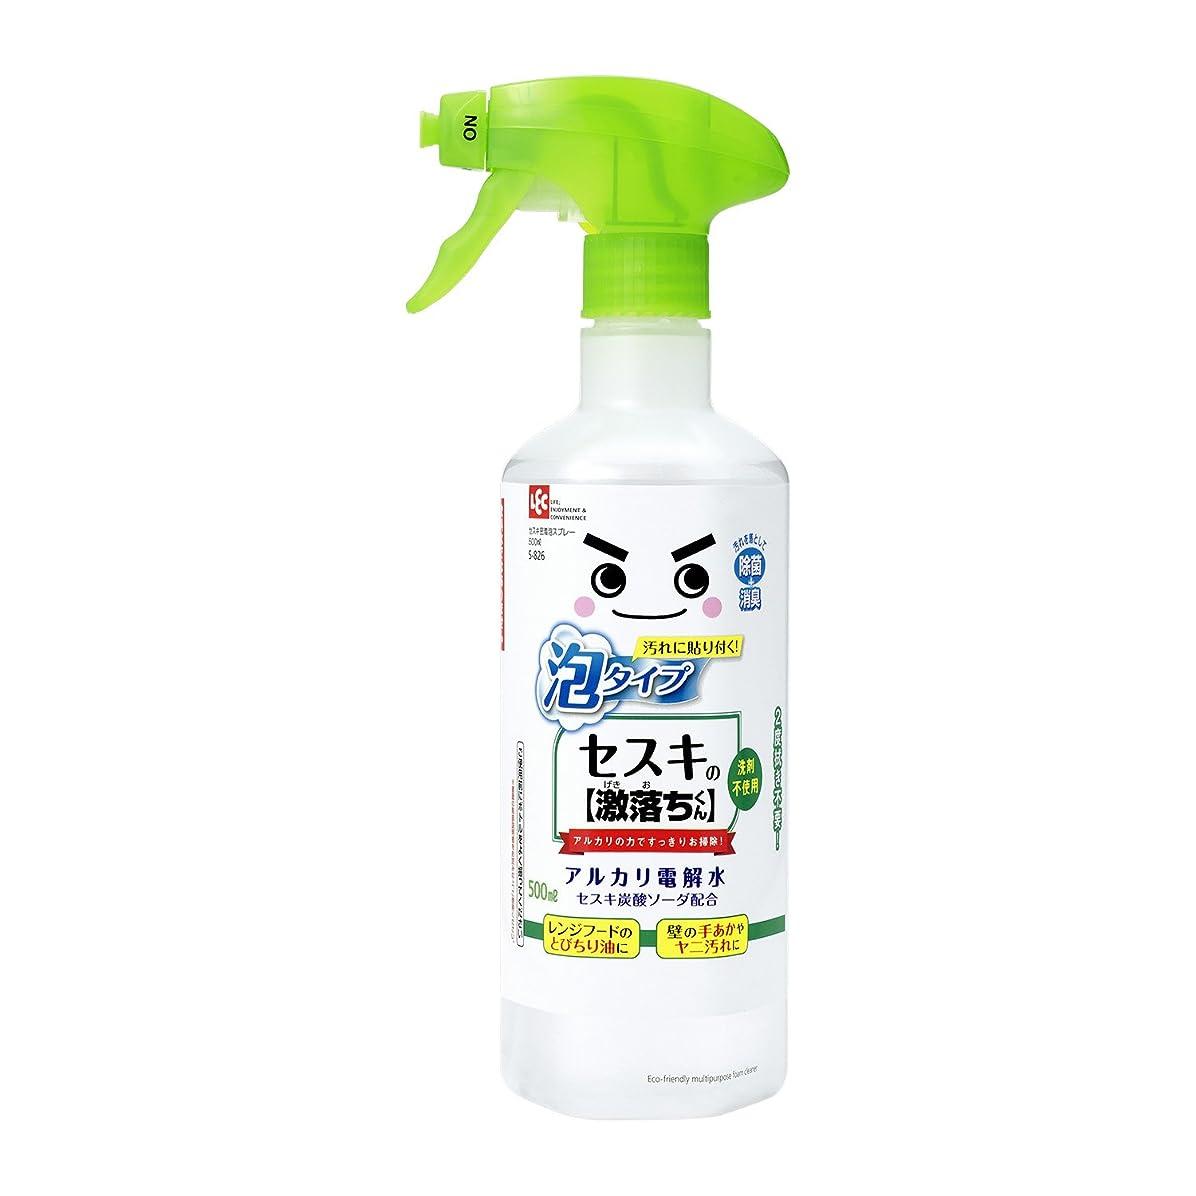 定期的に引退したプロジェクターセスキの激落ちくん 密着泡スプレー 洗剤 500ml ( アルカリ電解水 + セスキ炭酸ソーダ )